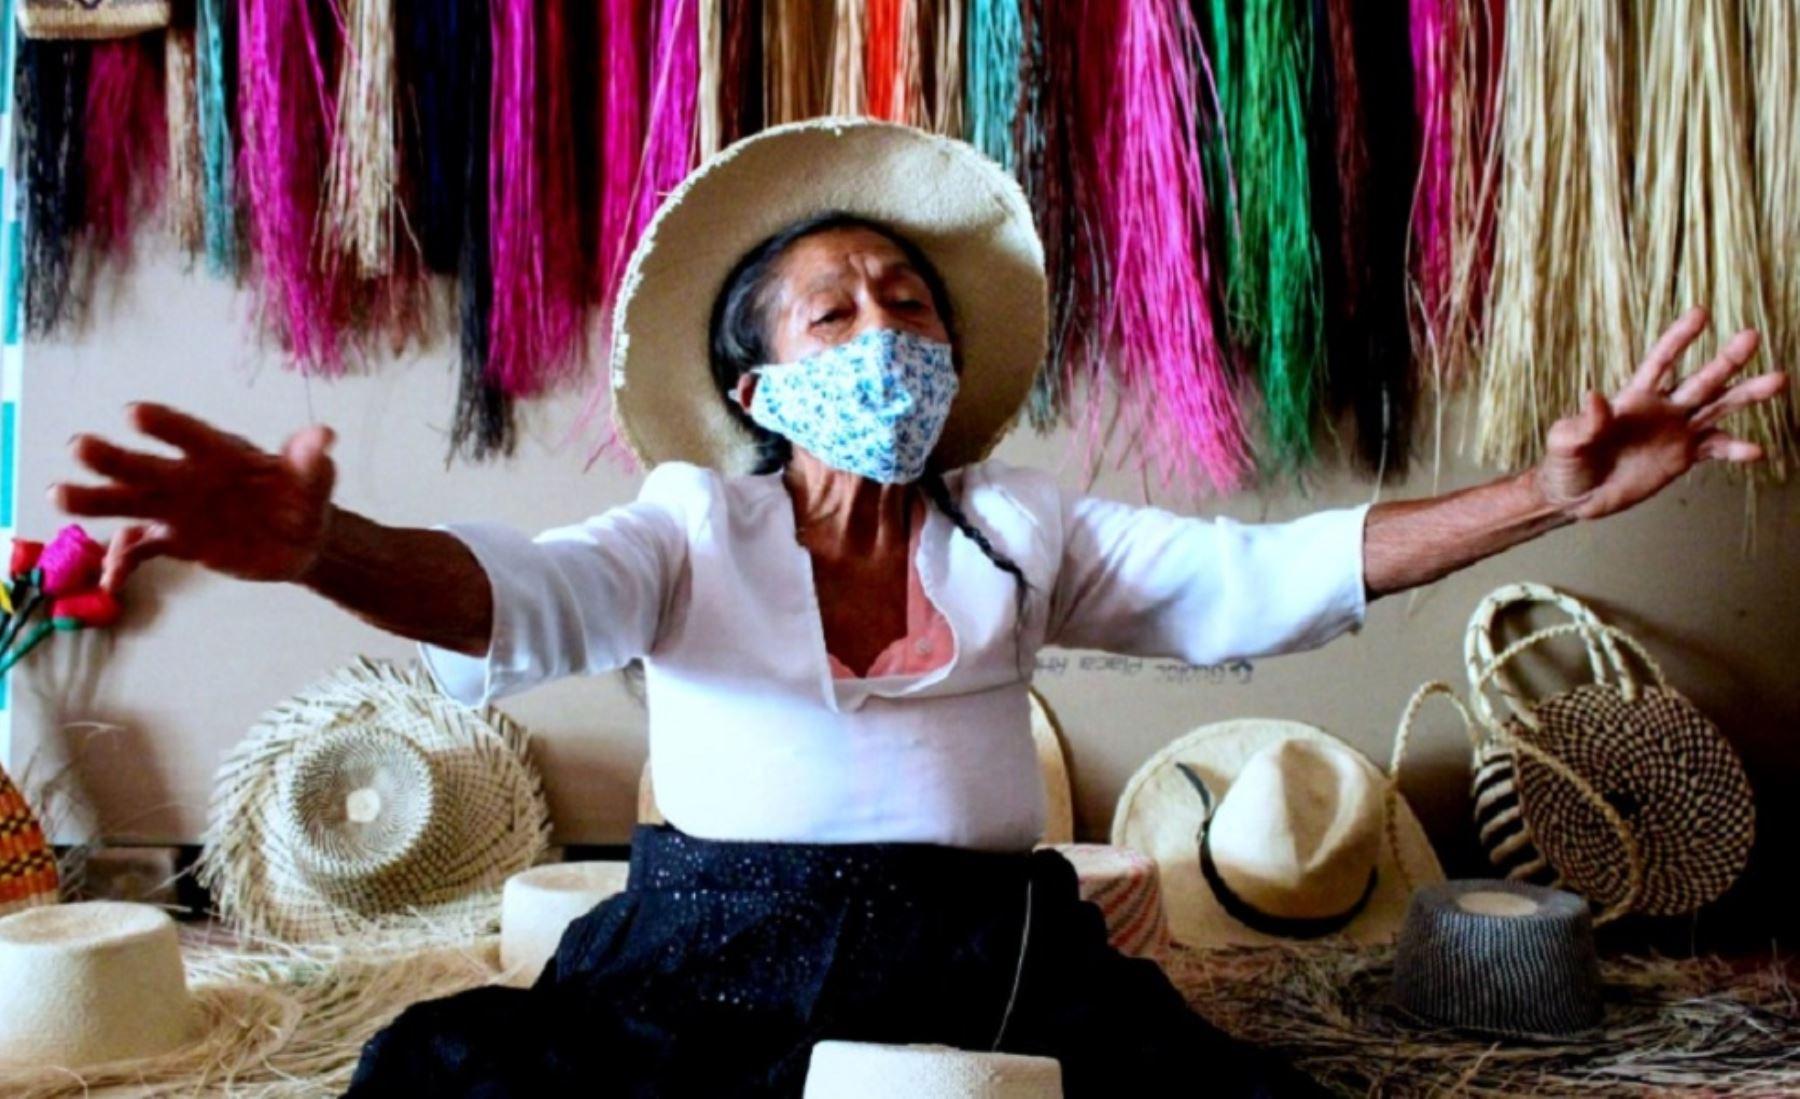 María Felipa Villegas Sandoval es piurana y maestra en el arte de la fabricación de los conocidos sombreros de paja toquilla, que elabora a mano en el pueblo de Pedregal Grande, en Catacaos. Con este saber, heredado de su abuela y su madre, ha ganado muchos premios. Hoy comparte la tradición de tejer con sus hijas y nietas gracias a la iniciativa Saberes Productivos de Pensión 65, del Ministerio de Desarrollo e Inclusión Social (Midis). Foto: Pensión 65/Midis